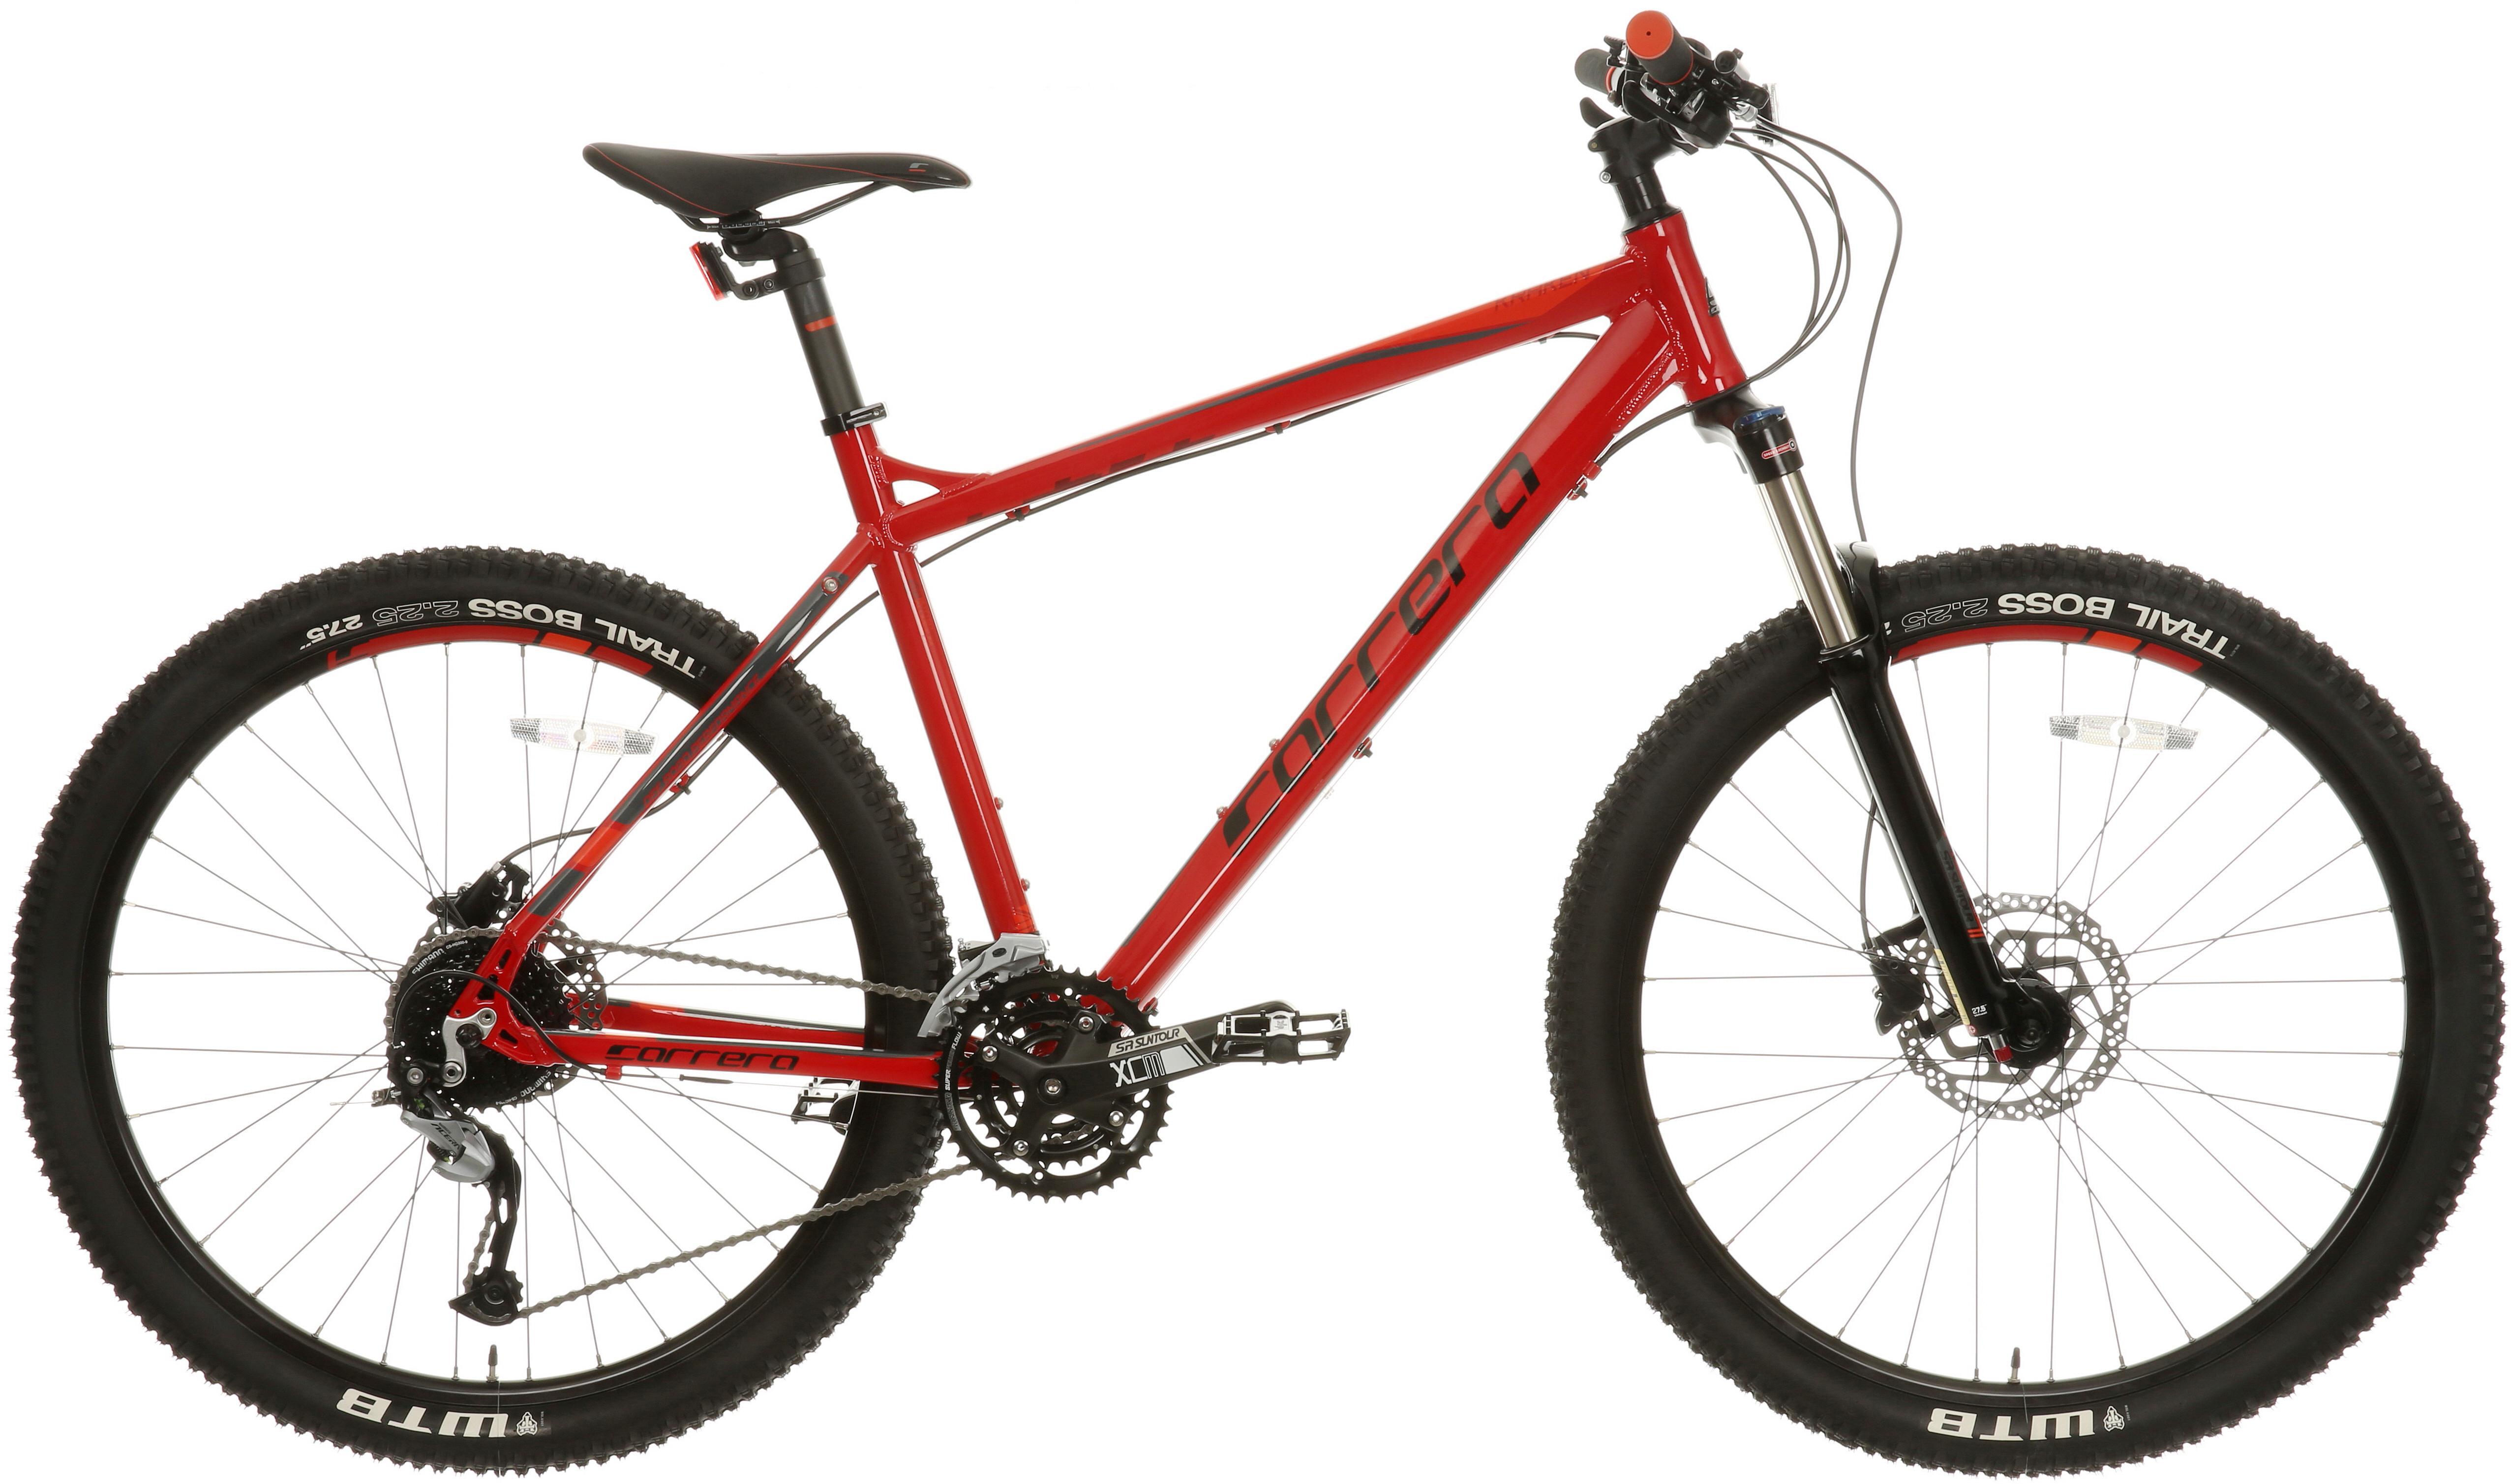 Carrera Kraken Mountain Bike - X Large